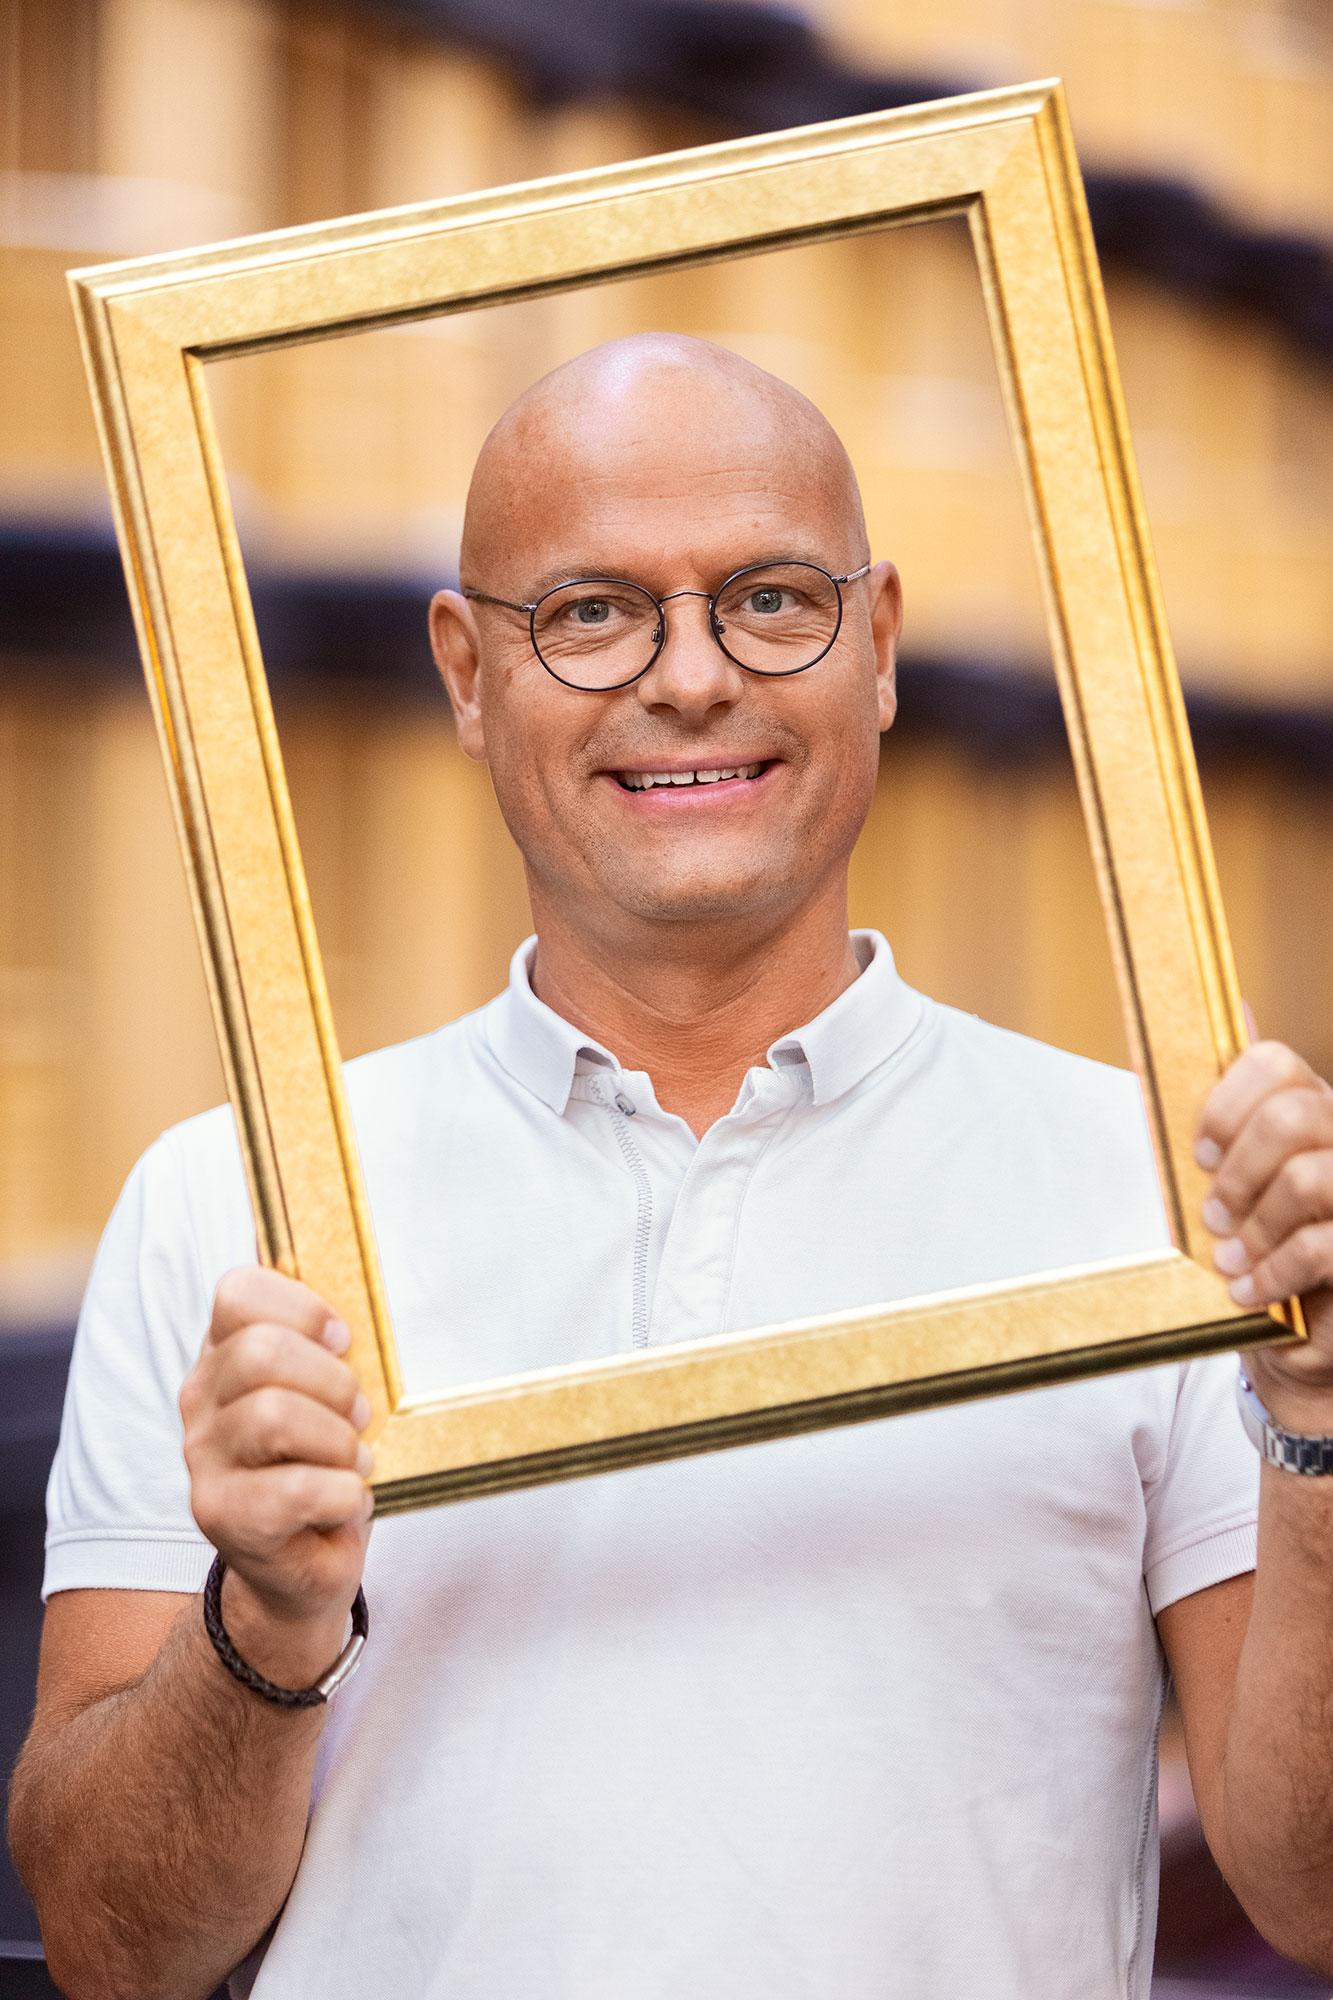 Dennis Larsson